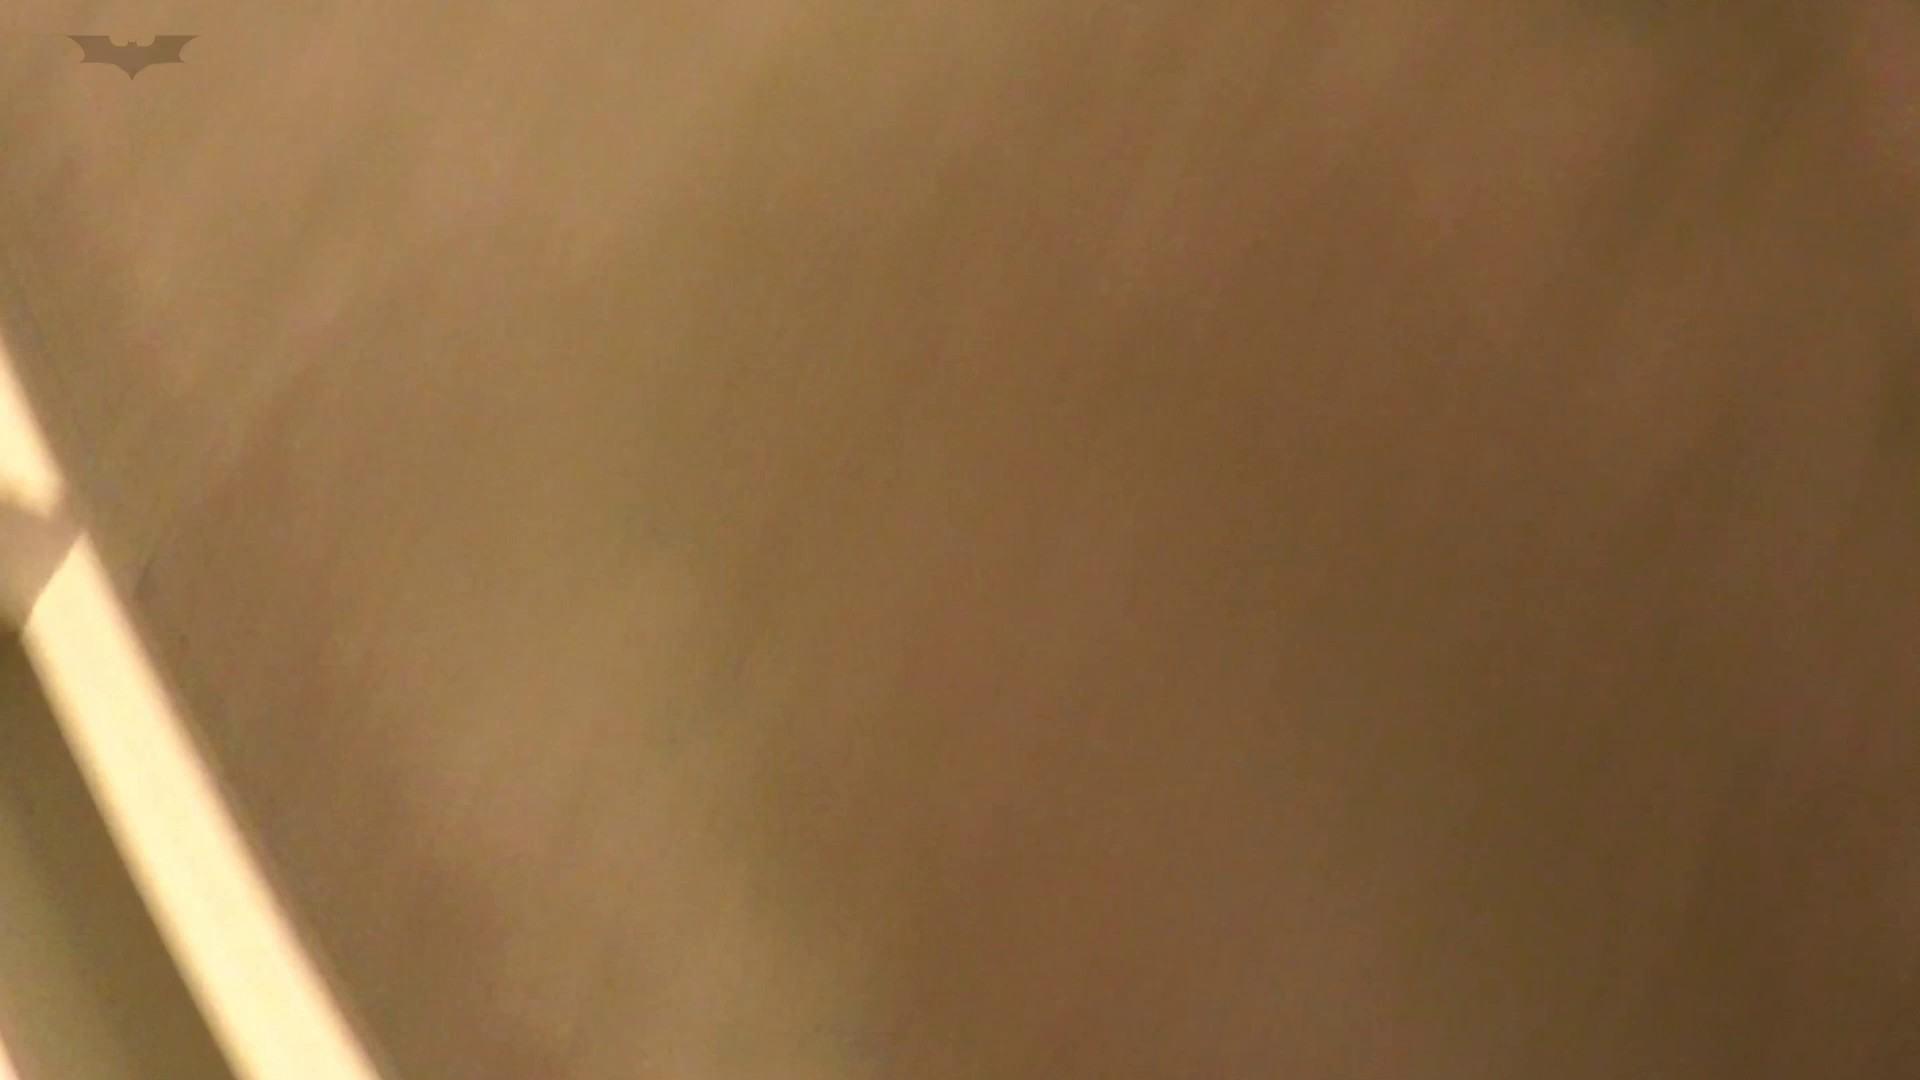 悪戯ネットカフェ Vol14 よく似ているJDにかけちゃった。 いじくり | 美乳  47画像 1